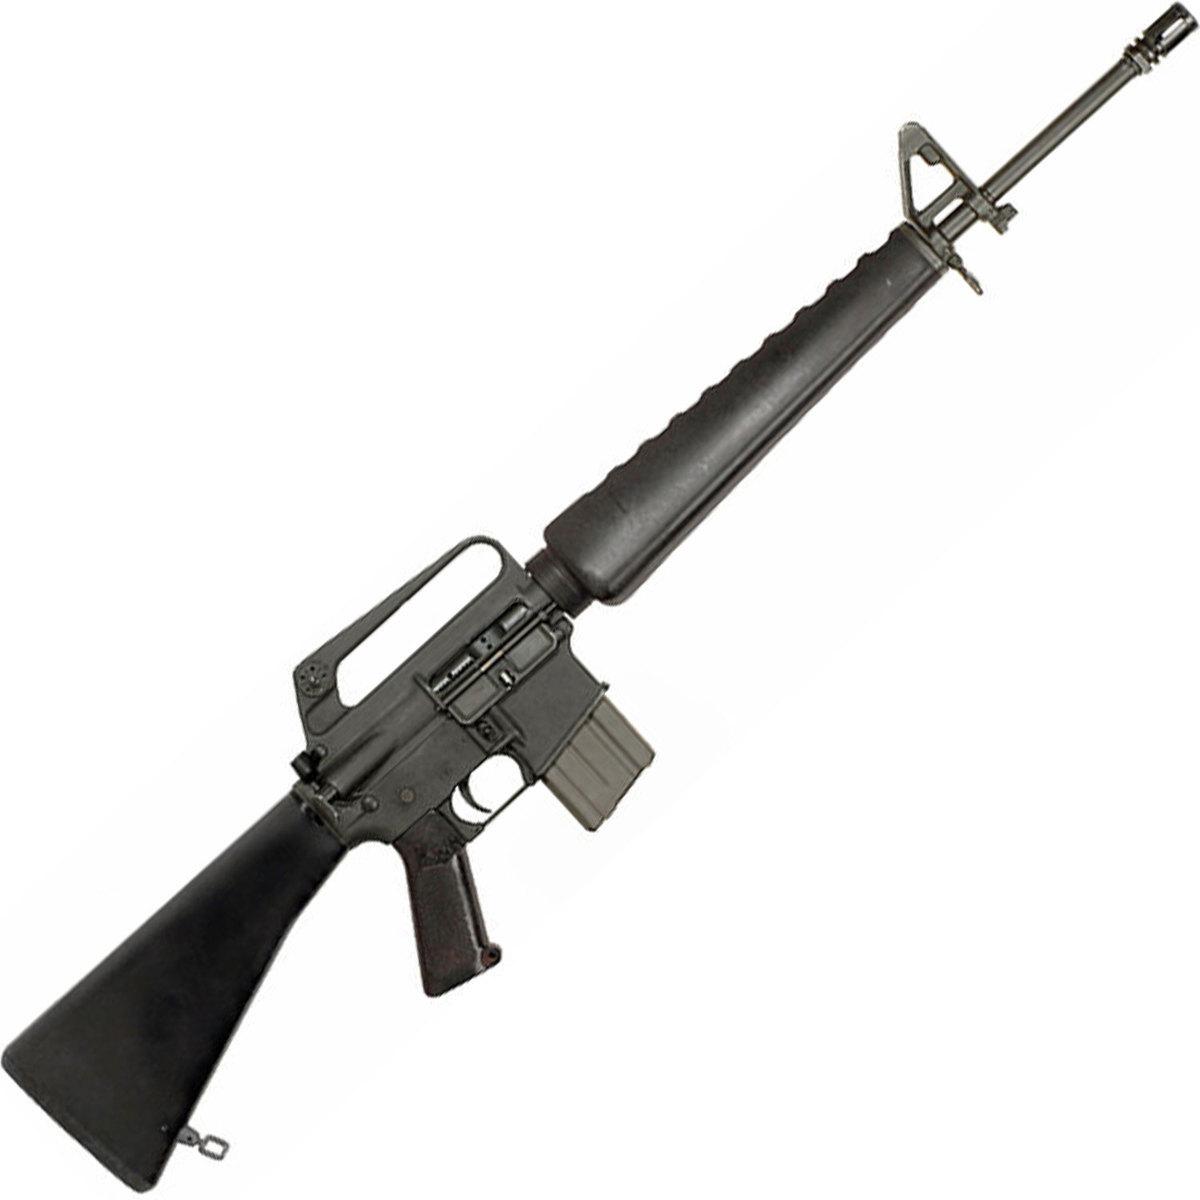 M16 A1